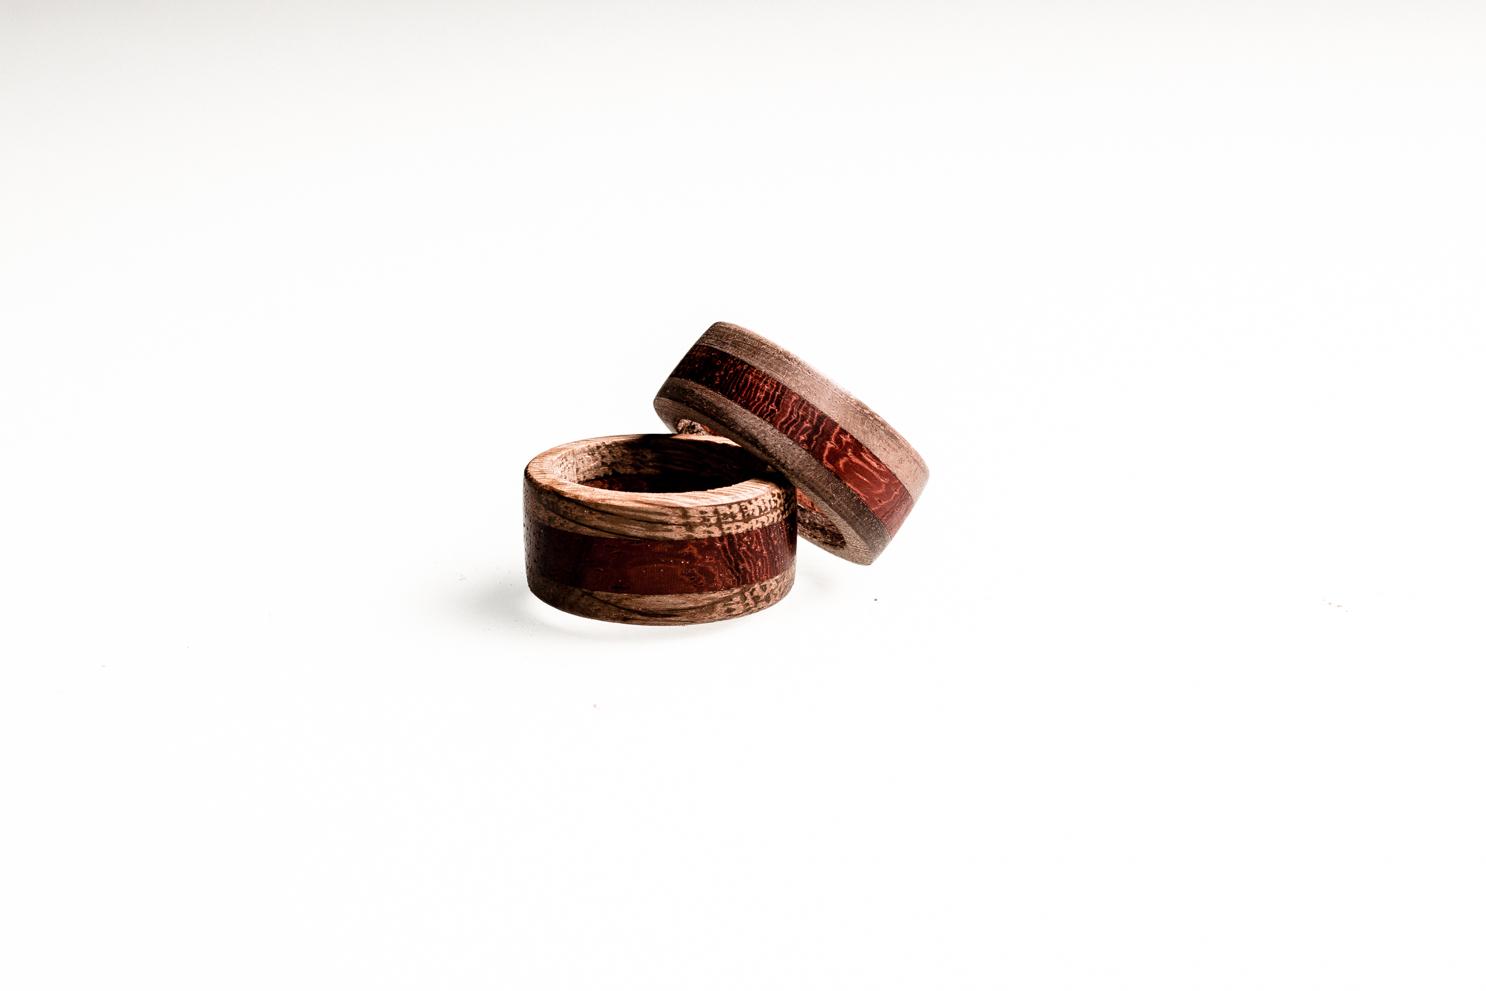 Magnifiek Houten sieraden: handgemaakte ringen, kettinghangers en armbanden @HJ08